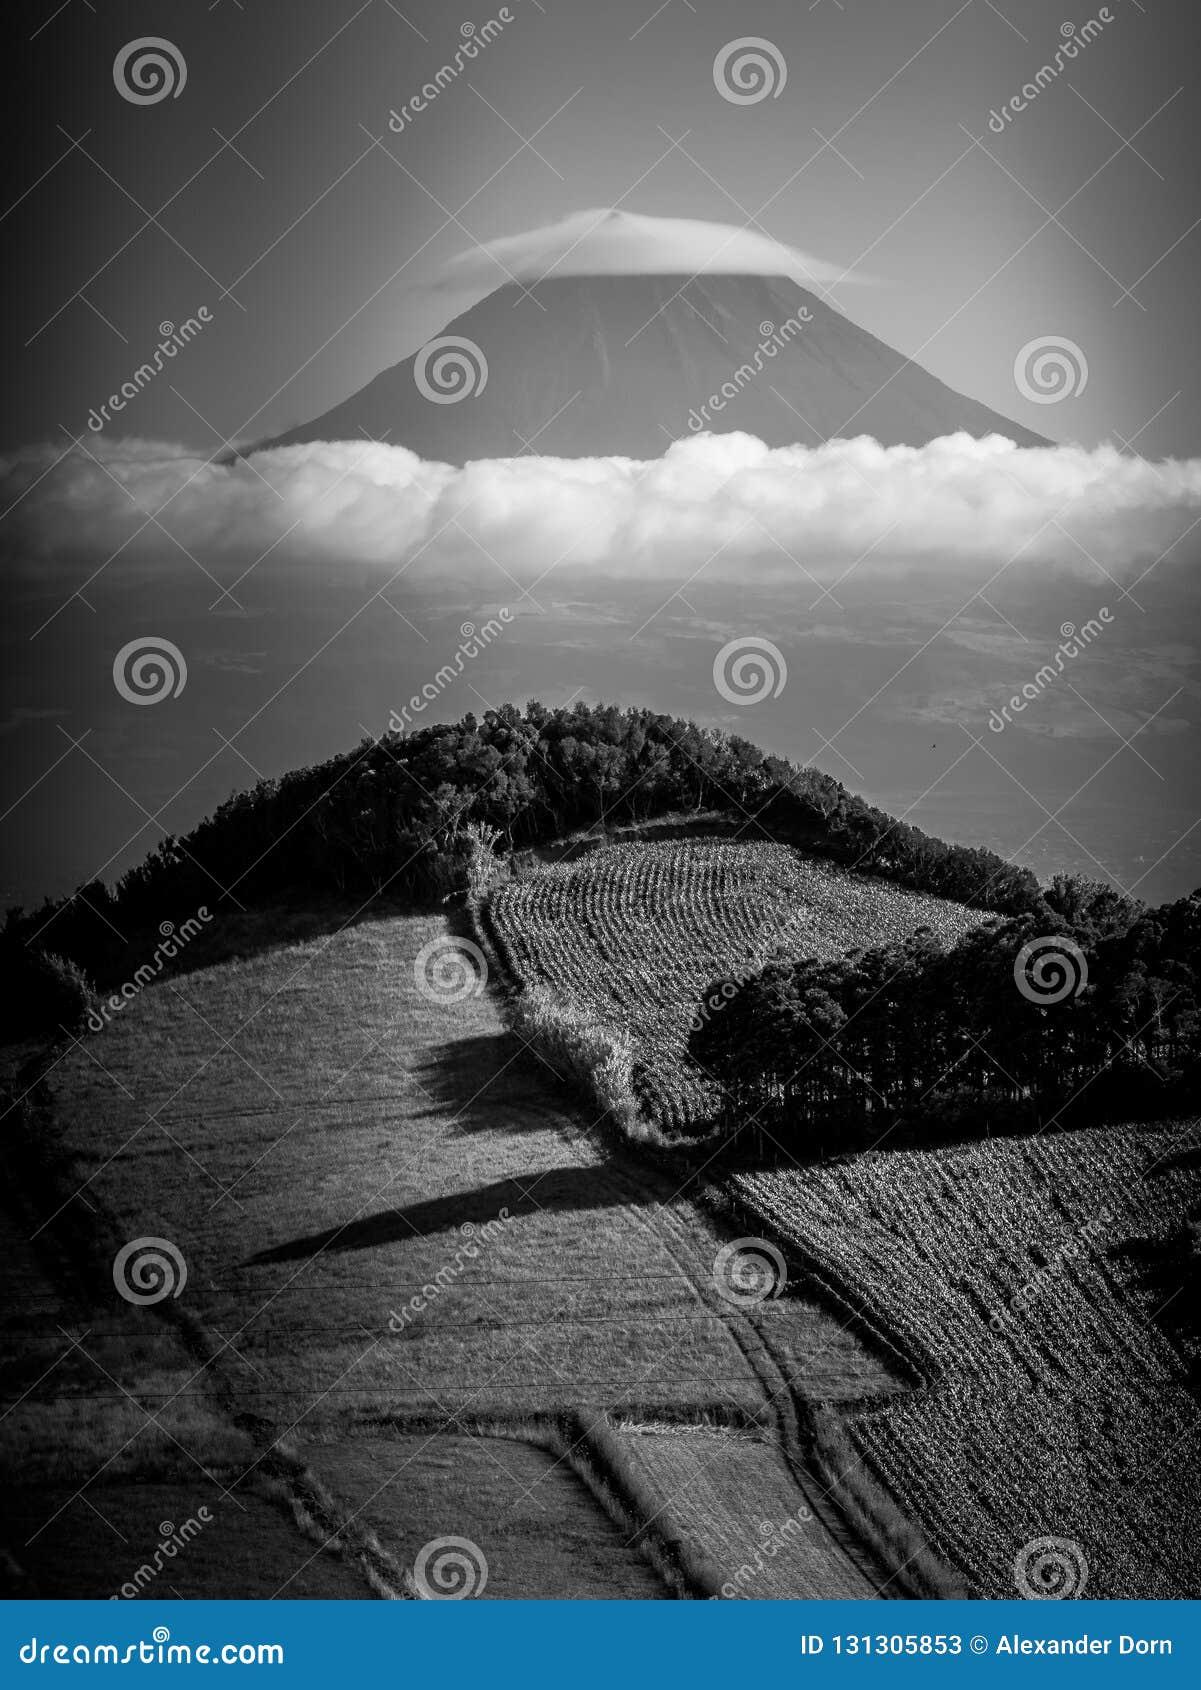 Zwart-wit beeld van platteland in de voorgrond en de berg van Pico op de achtergrond